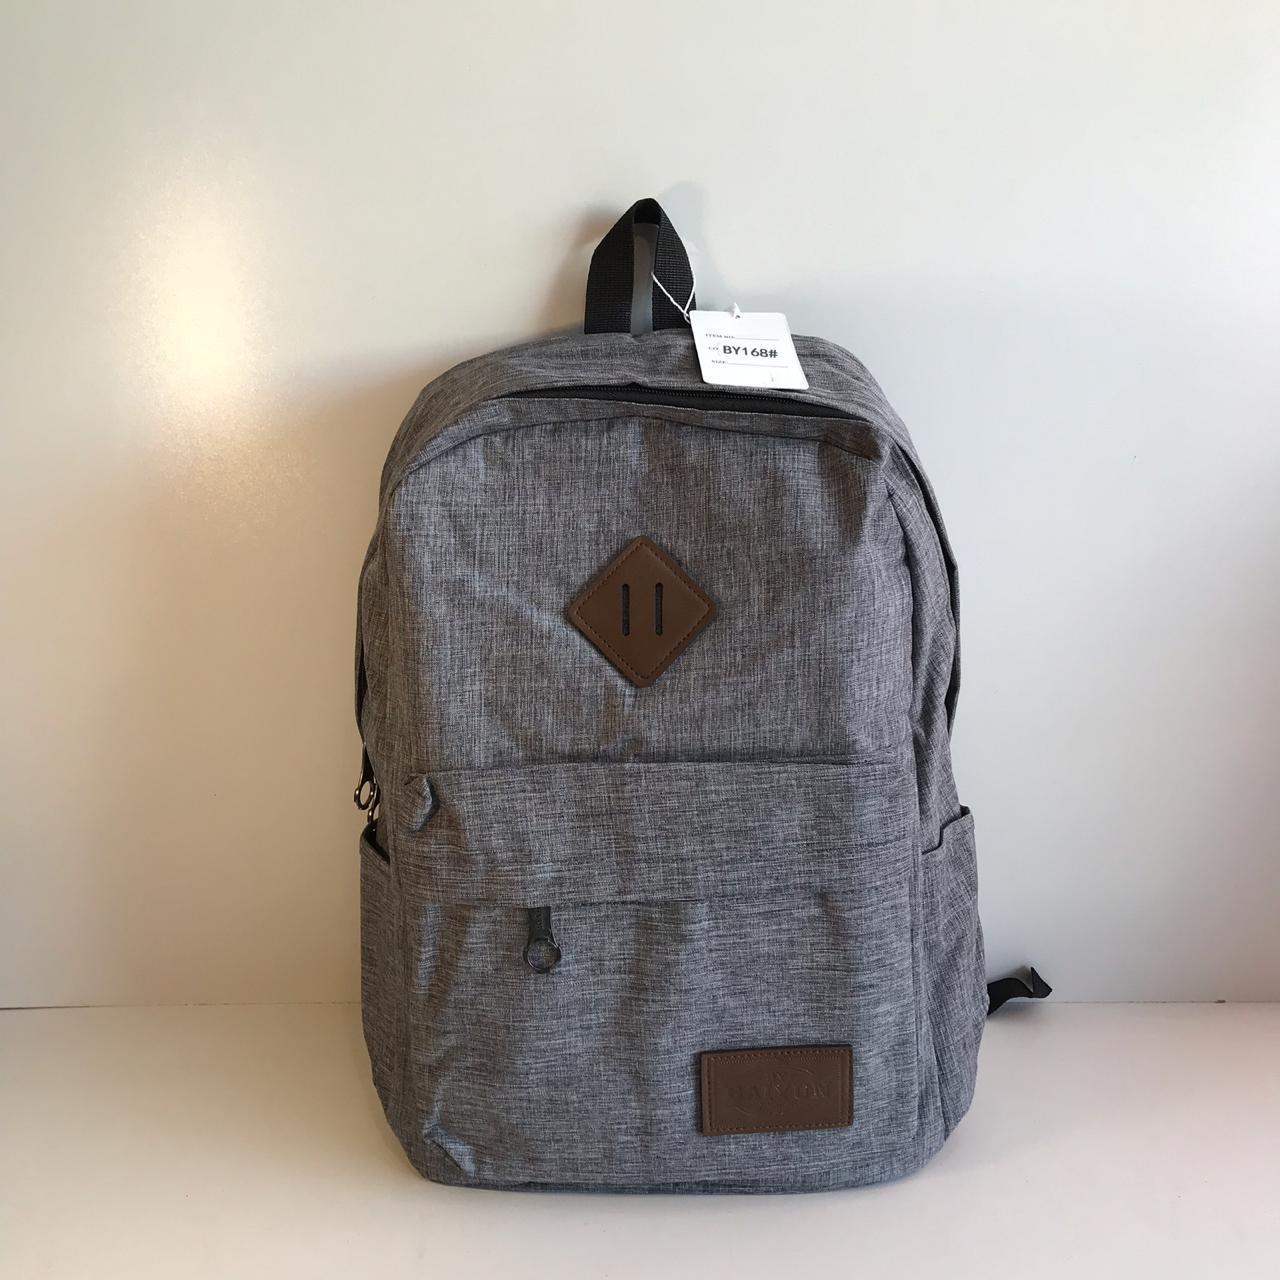 4cc2f2d174ff Мужской тканевый городской рюкзак серый, цена 370 грн., купить в ...